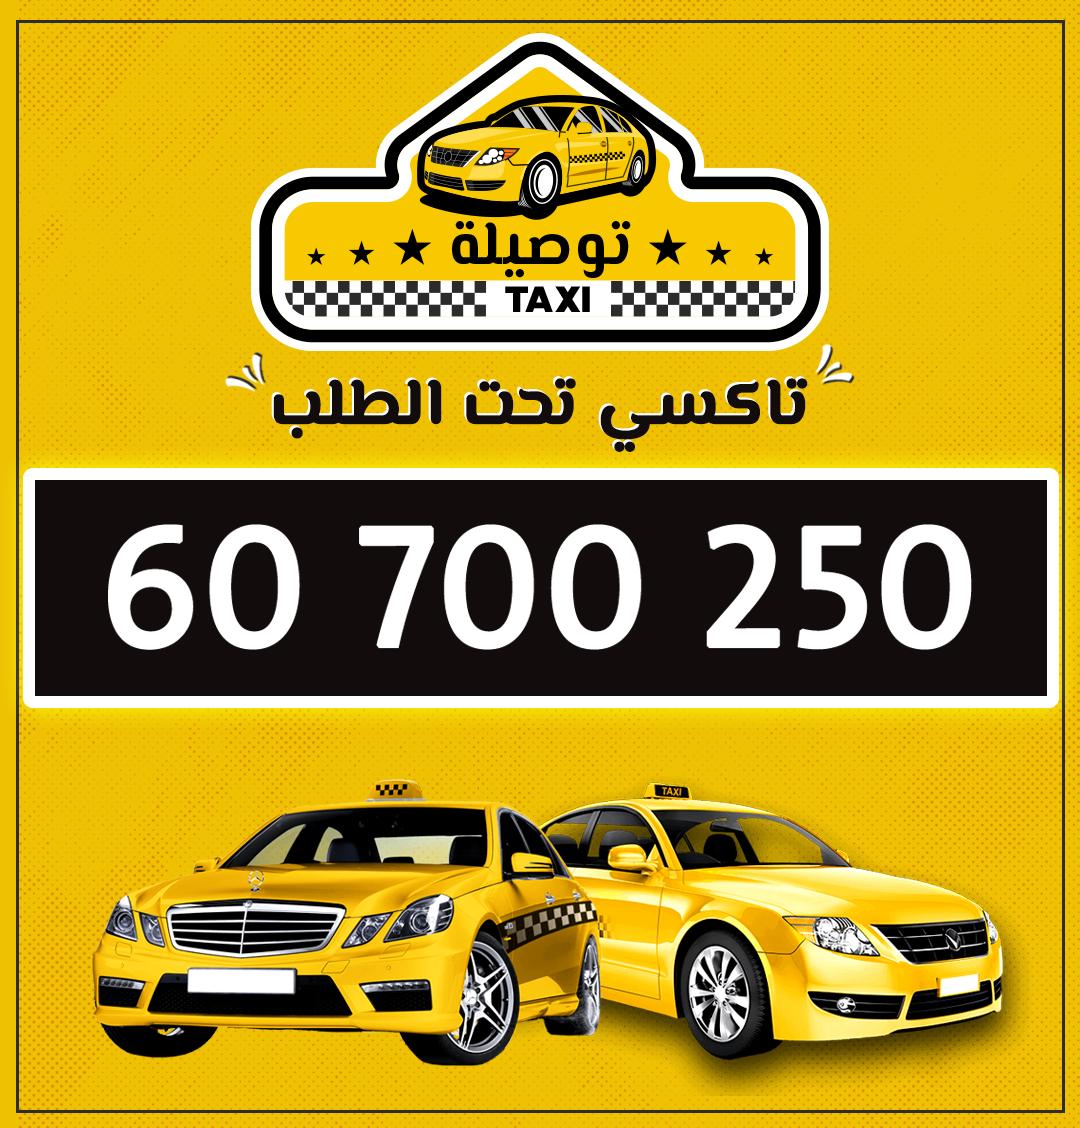 تاكسي توصيلة في شارع تونس